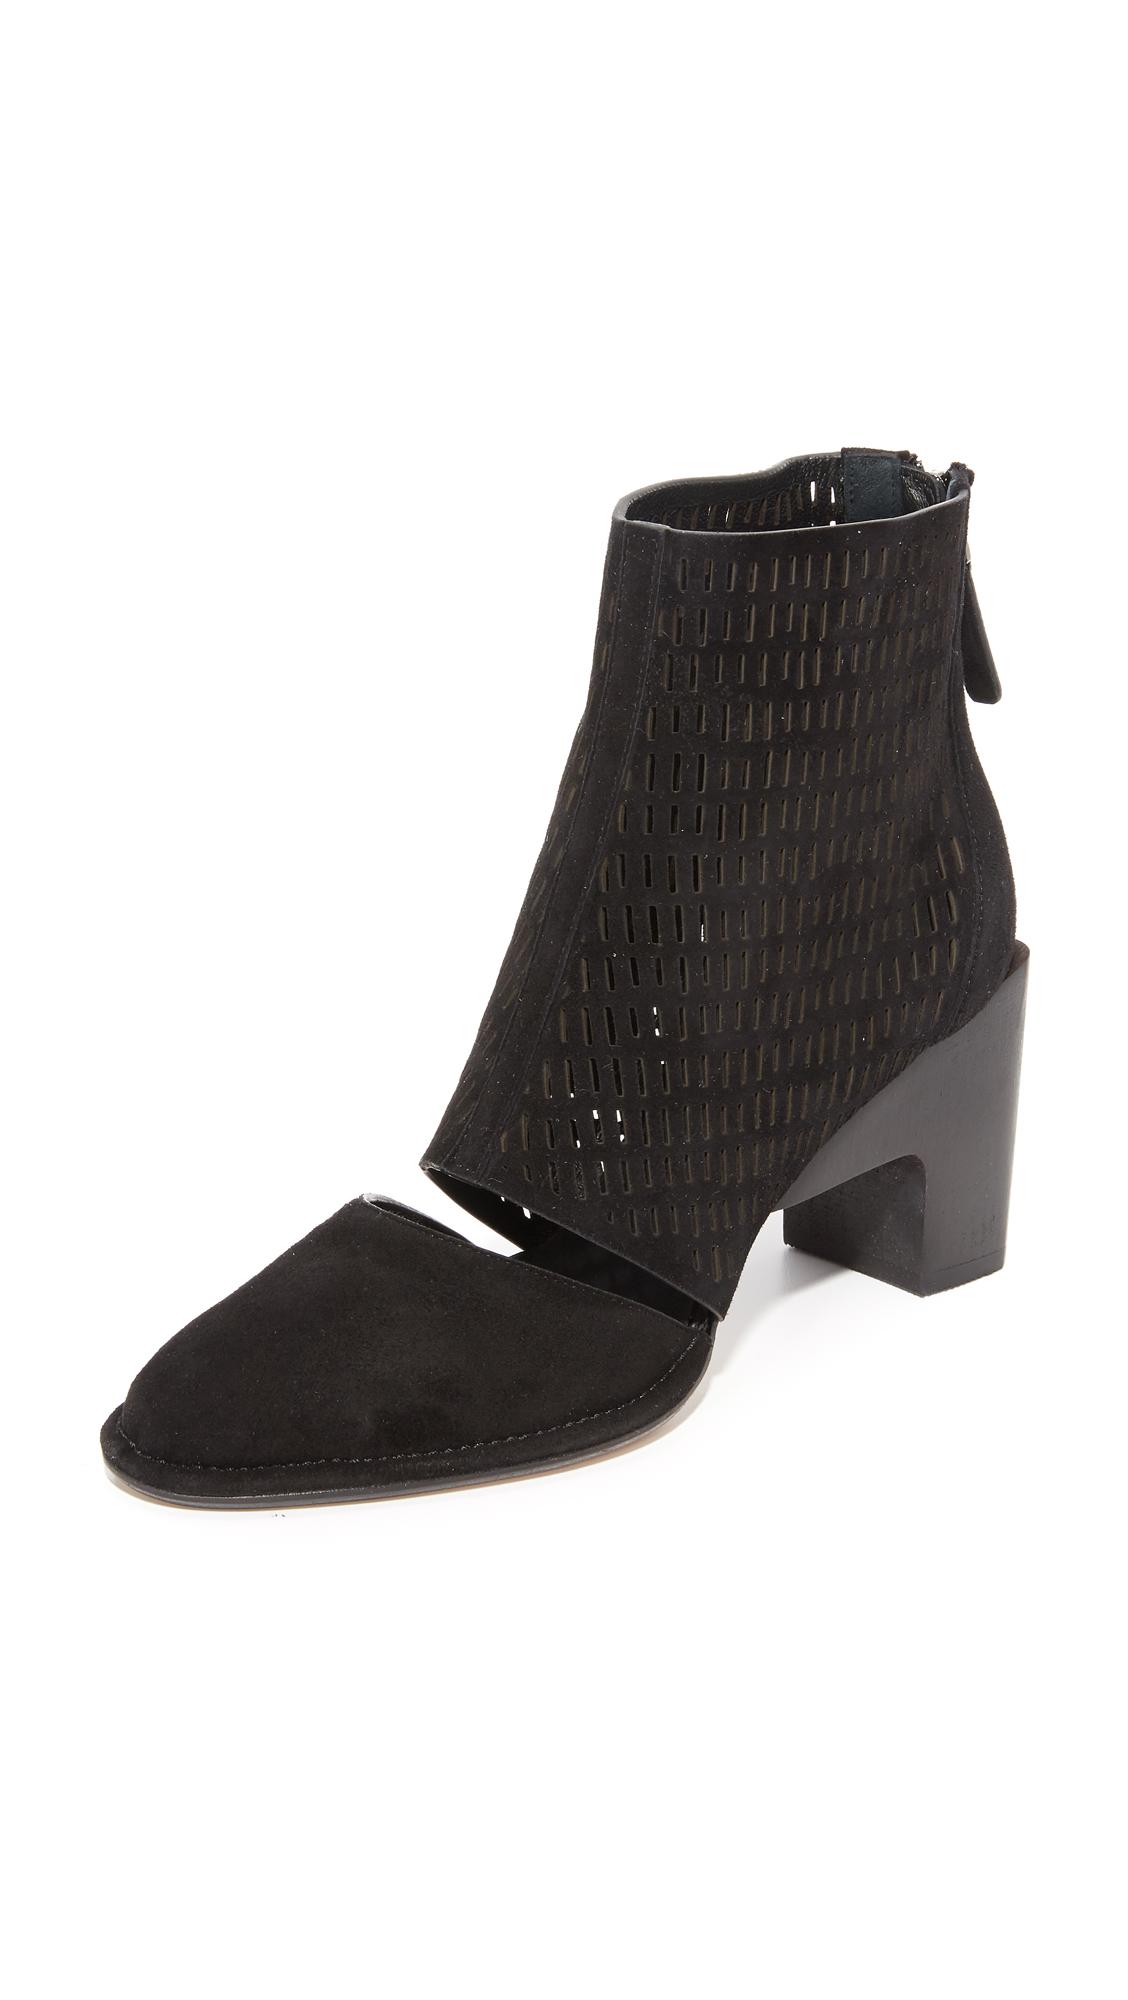 Zero + Maria Cornejo Goa Booties - Black